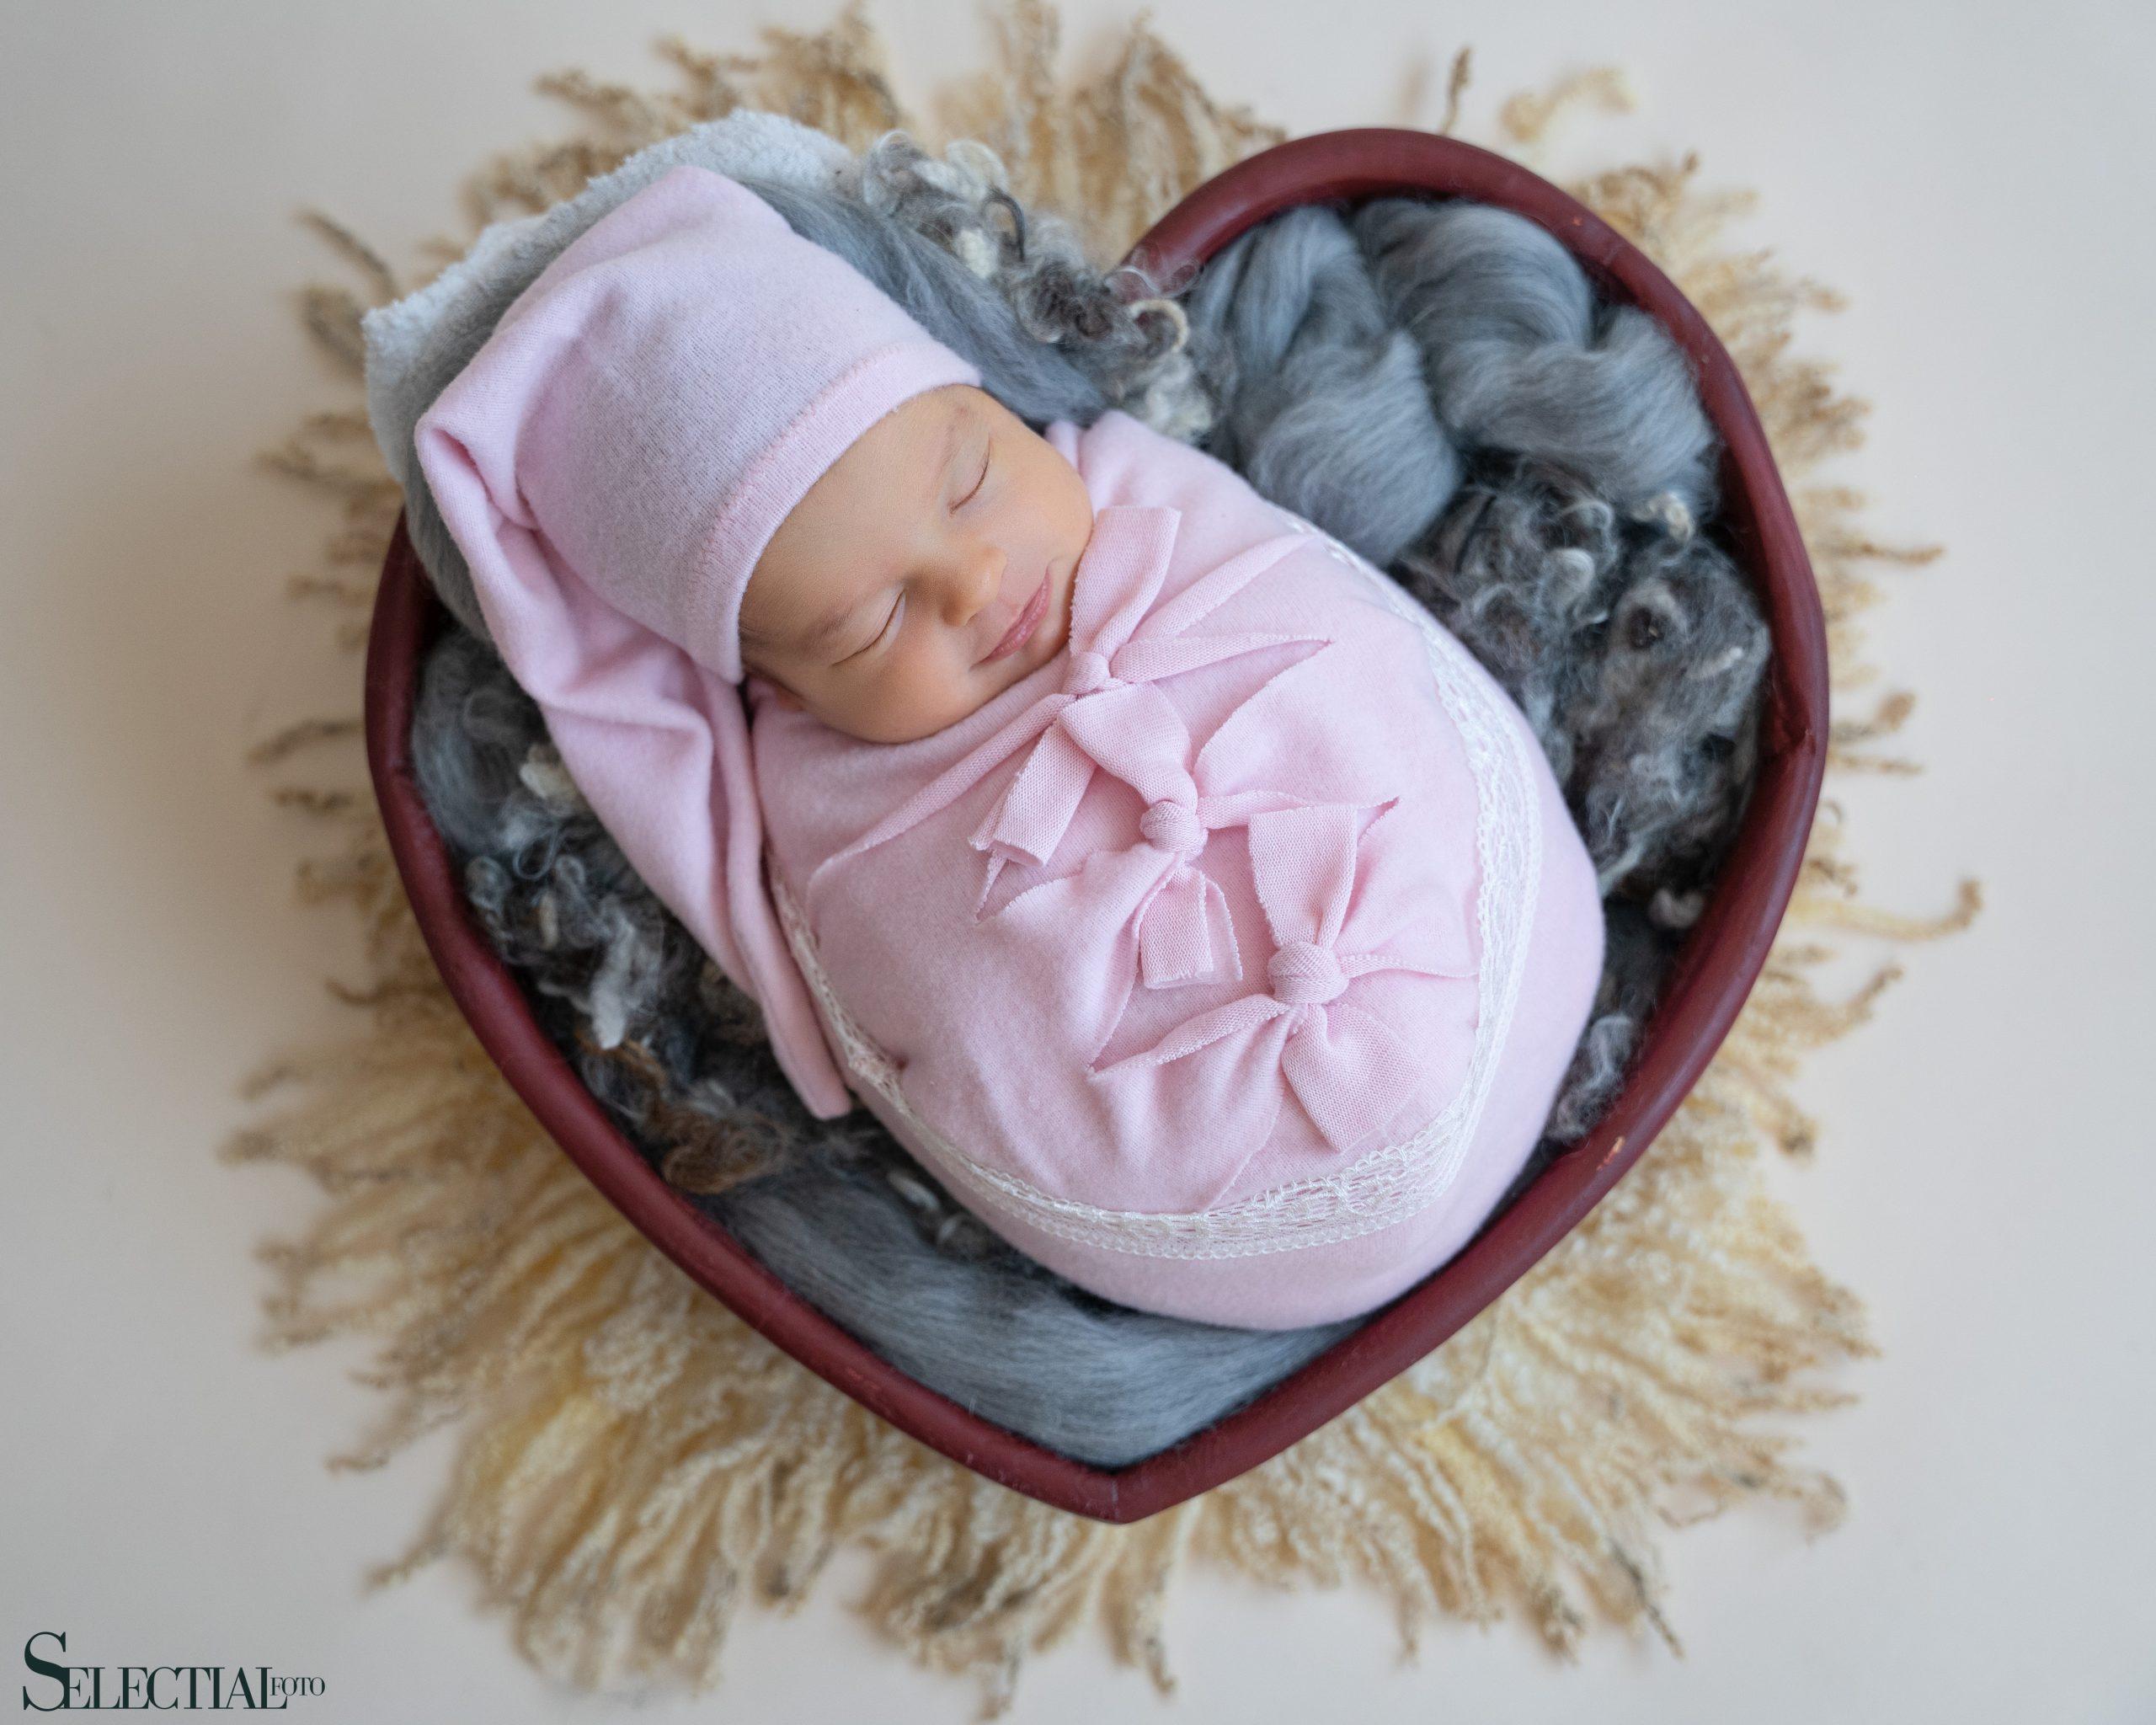 Foto_Newborn_Selena_J_Portofolio-7